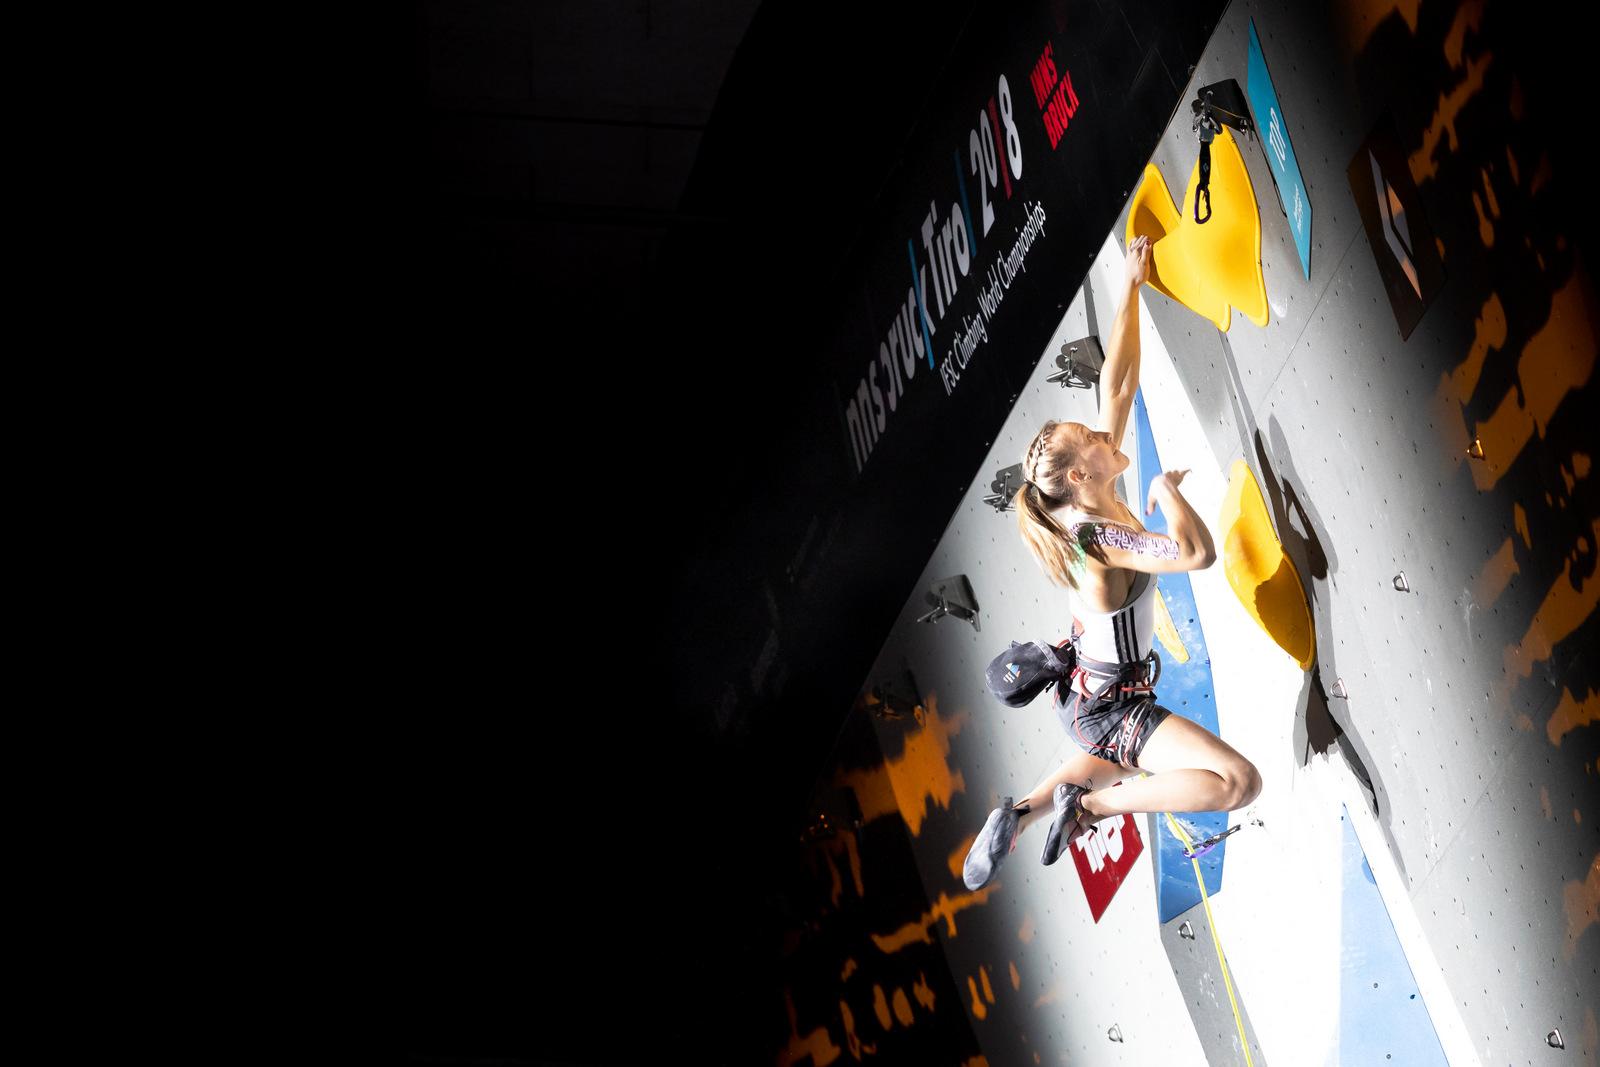 Janja Garnbret srebrna na svetovnem prvenstvu, Domen Škofic končal na 5. mestu